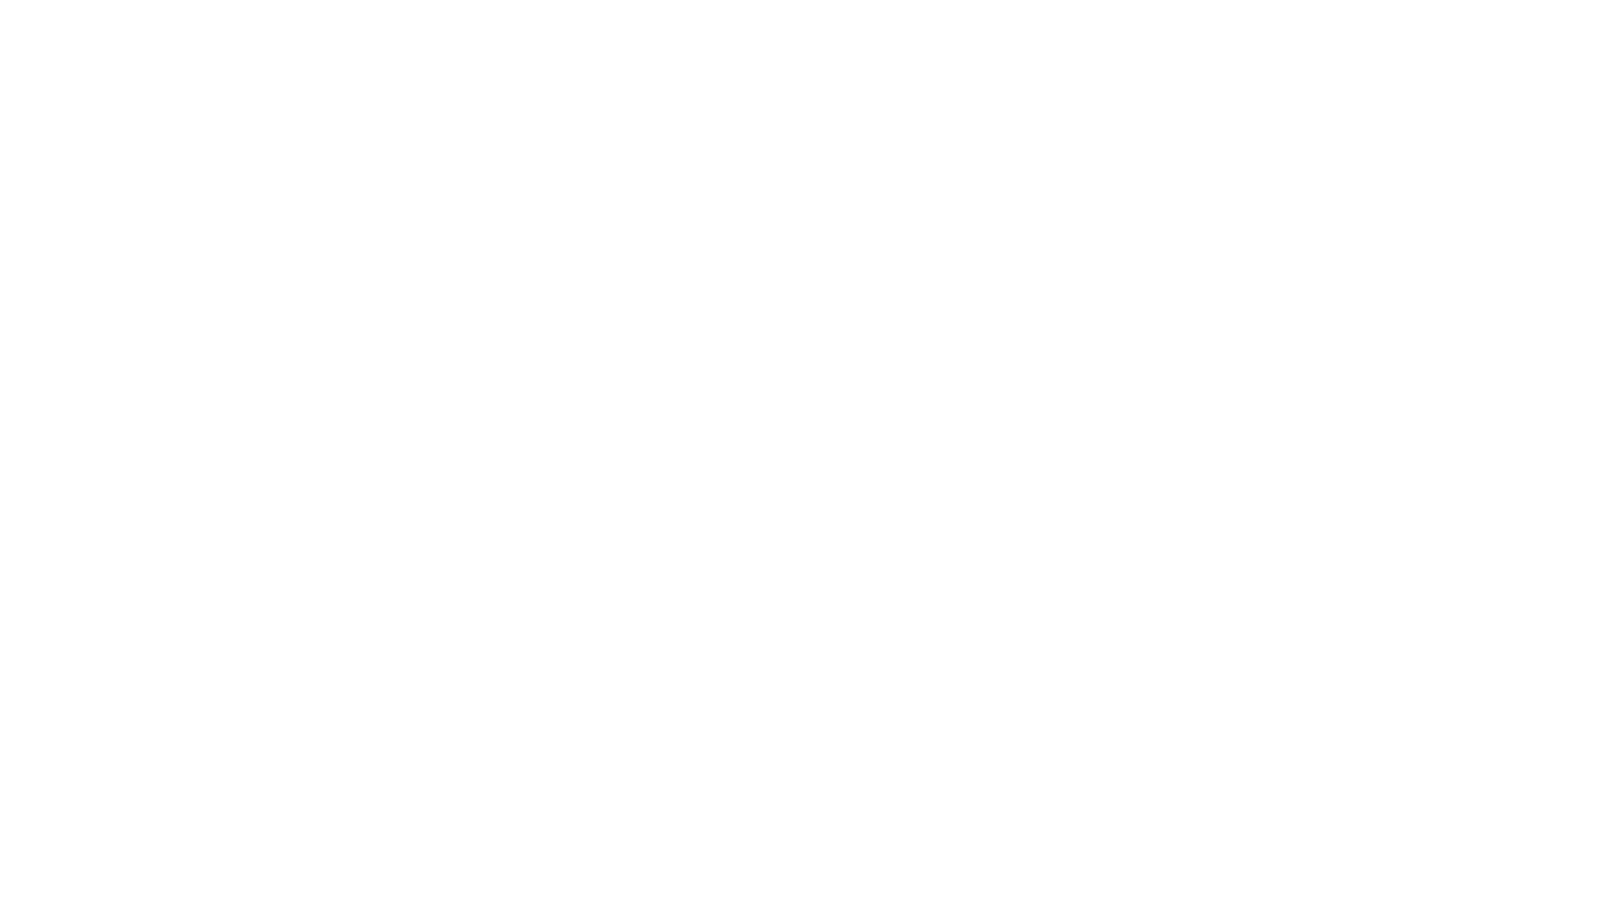 エスプロ【バスケ】中学生クラスの紹介ムービーです。  川口市内体育館で月3回練習中! <月曜日> 19:30~20:30  基本会場:東スポーツセンター(川口市東領家2丁目27−1)  ☆無料の練習体験募集中☆ ☆チケットでの参加可能☆  コーチ、チケット購入方法など詳しい情報は下記URLから! https://sproject-bb.org